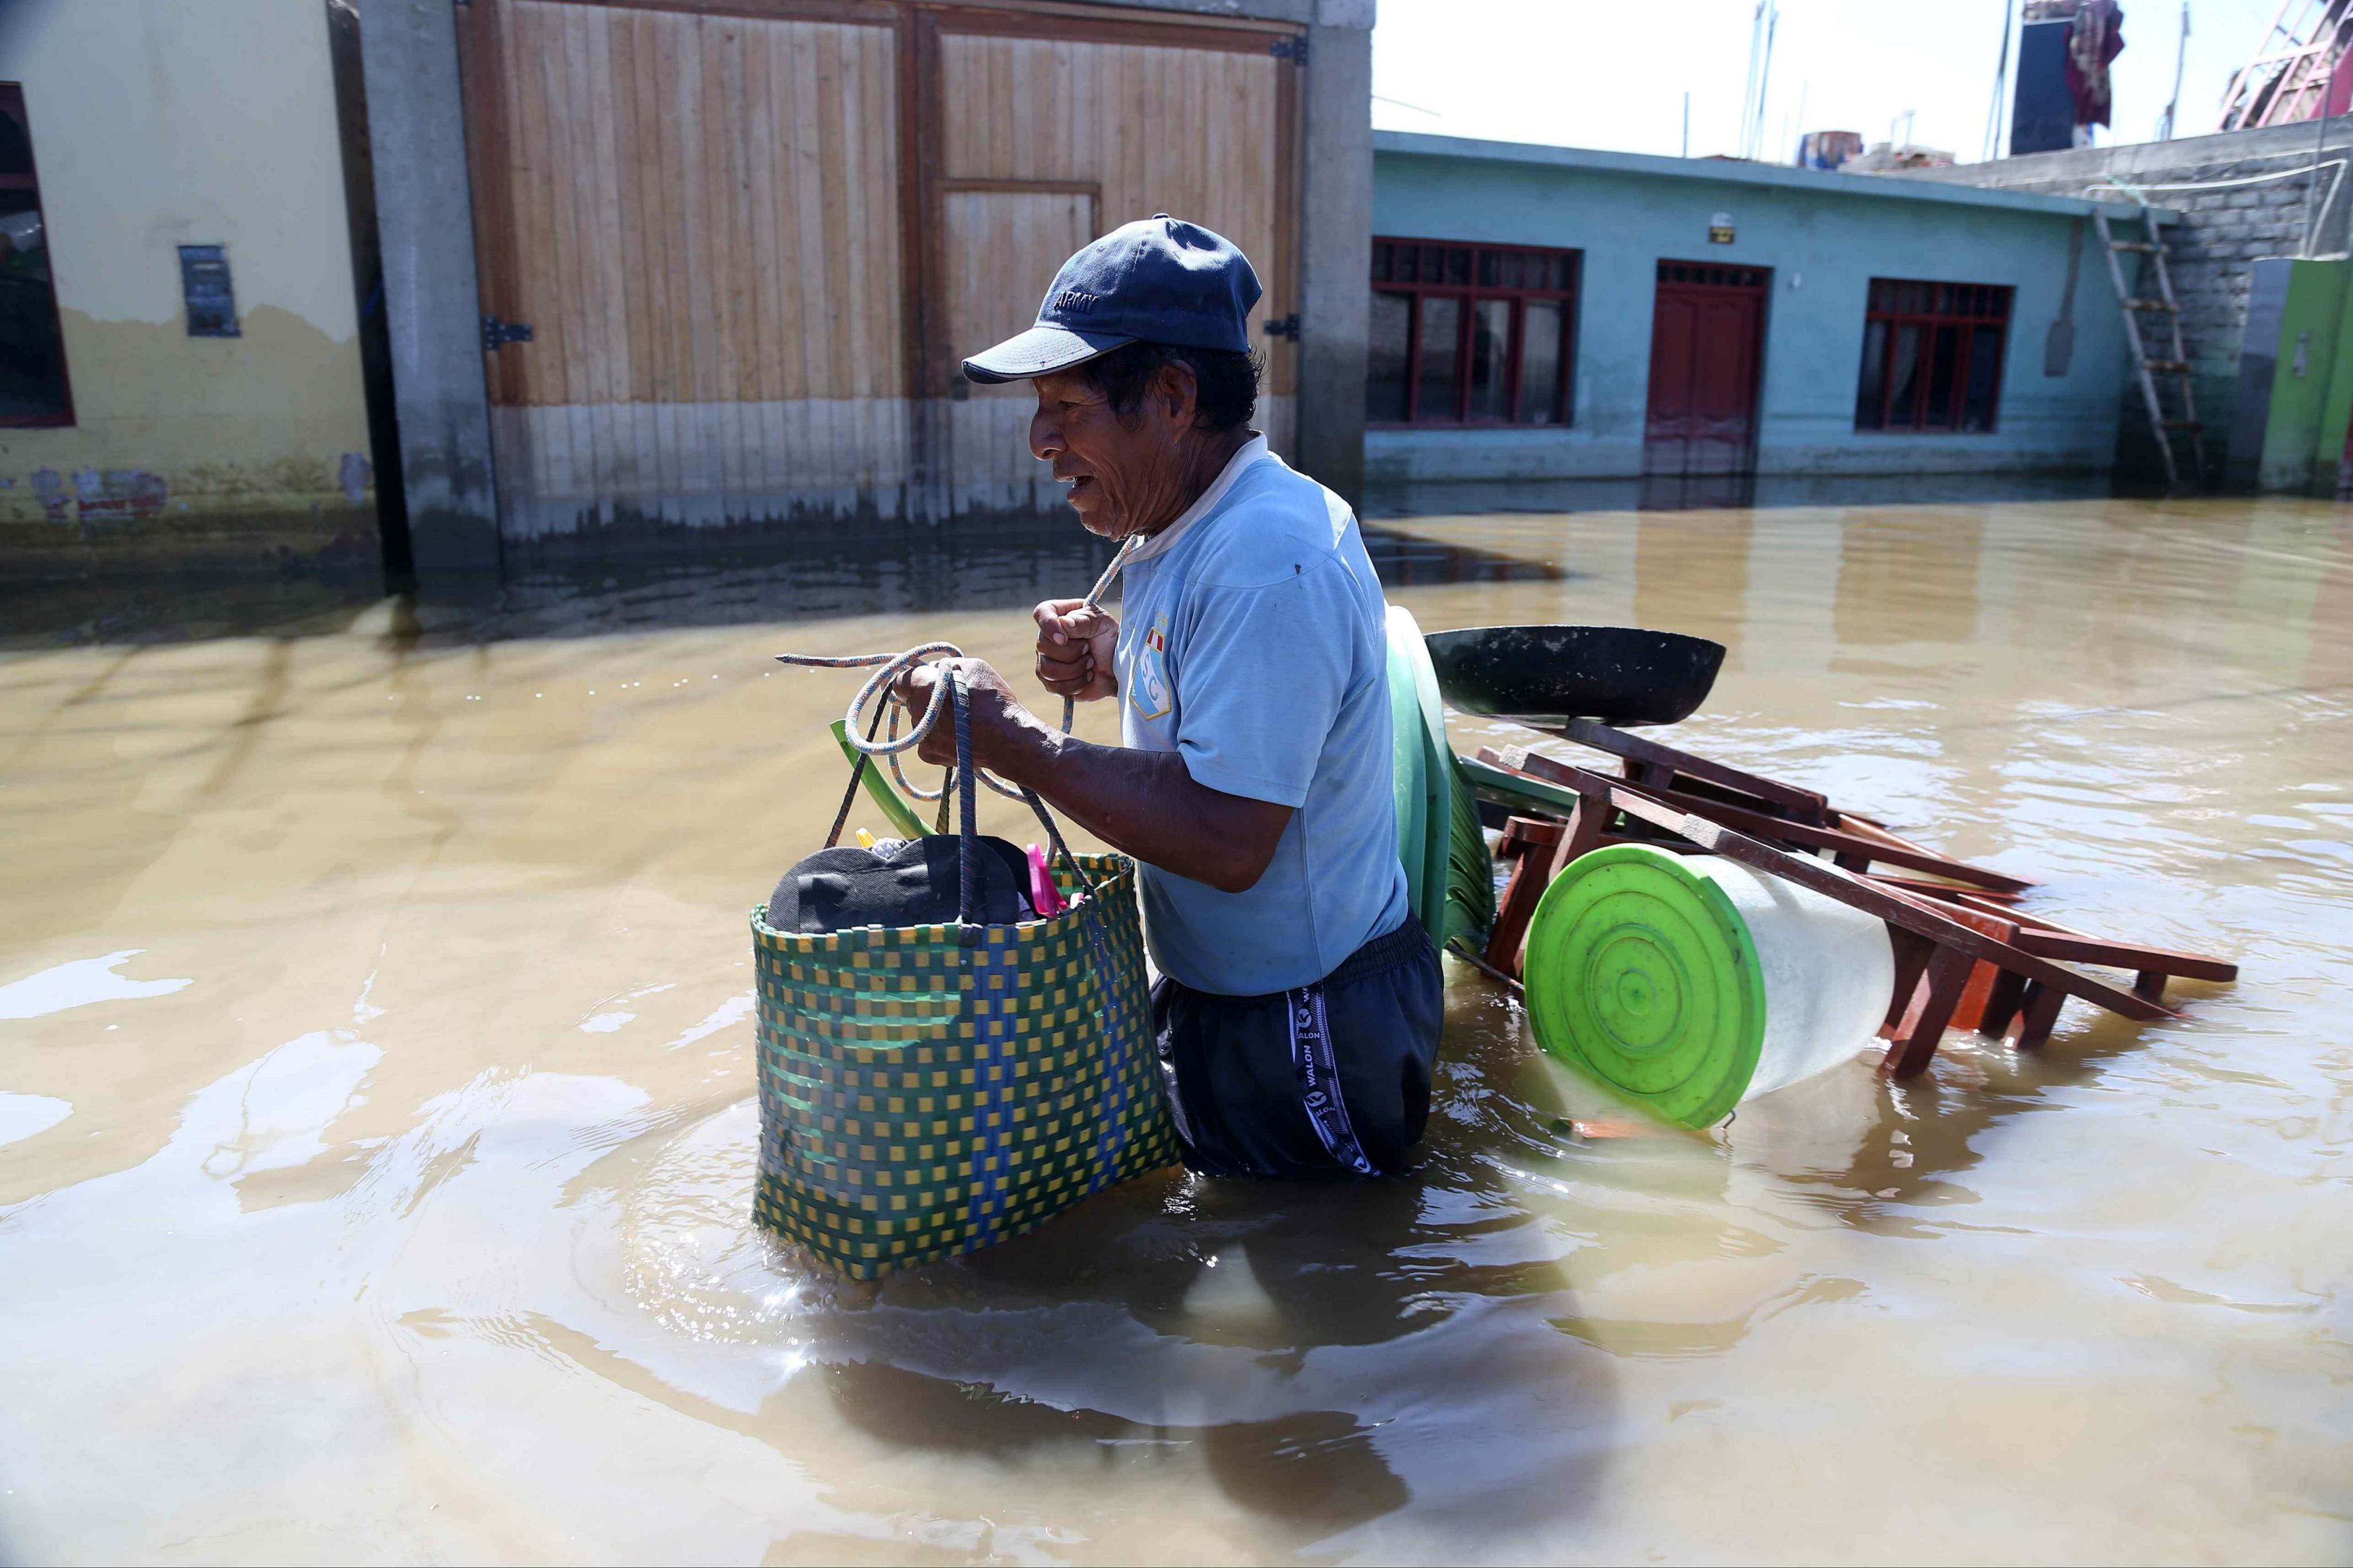 El Papa entrega fondos para afectados por lluvias en Perú